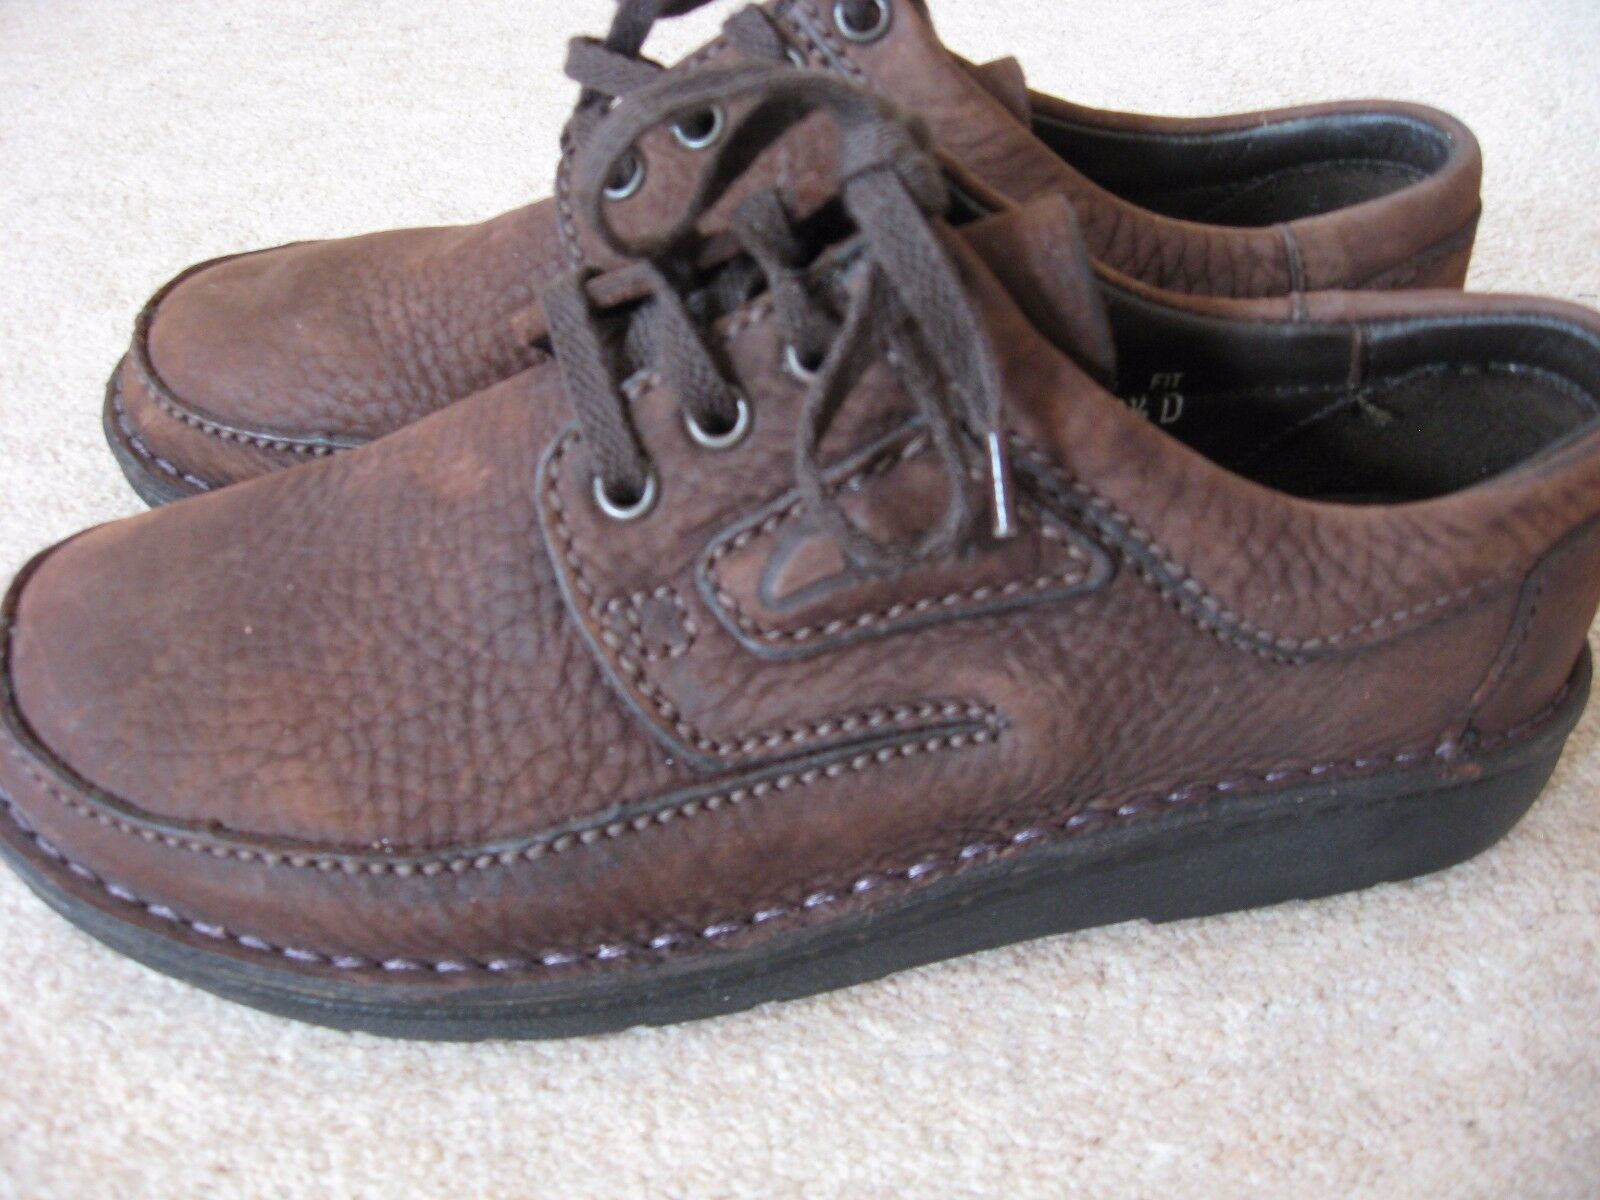 Nuevo Para mujeres Cuero Nobuck Clark's Zapatos De Gamuza pastoso pastoso pastoso Choc Marrón Cordón UPS Reino Unido 5D  precios razonables